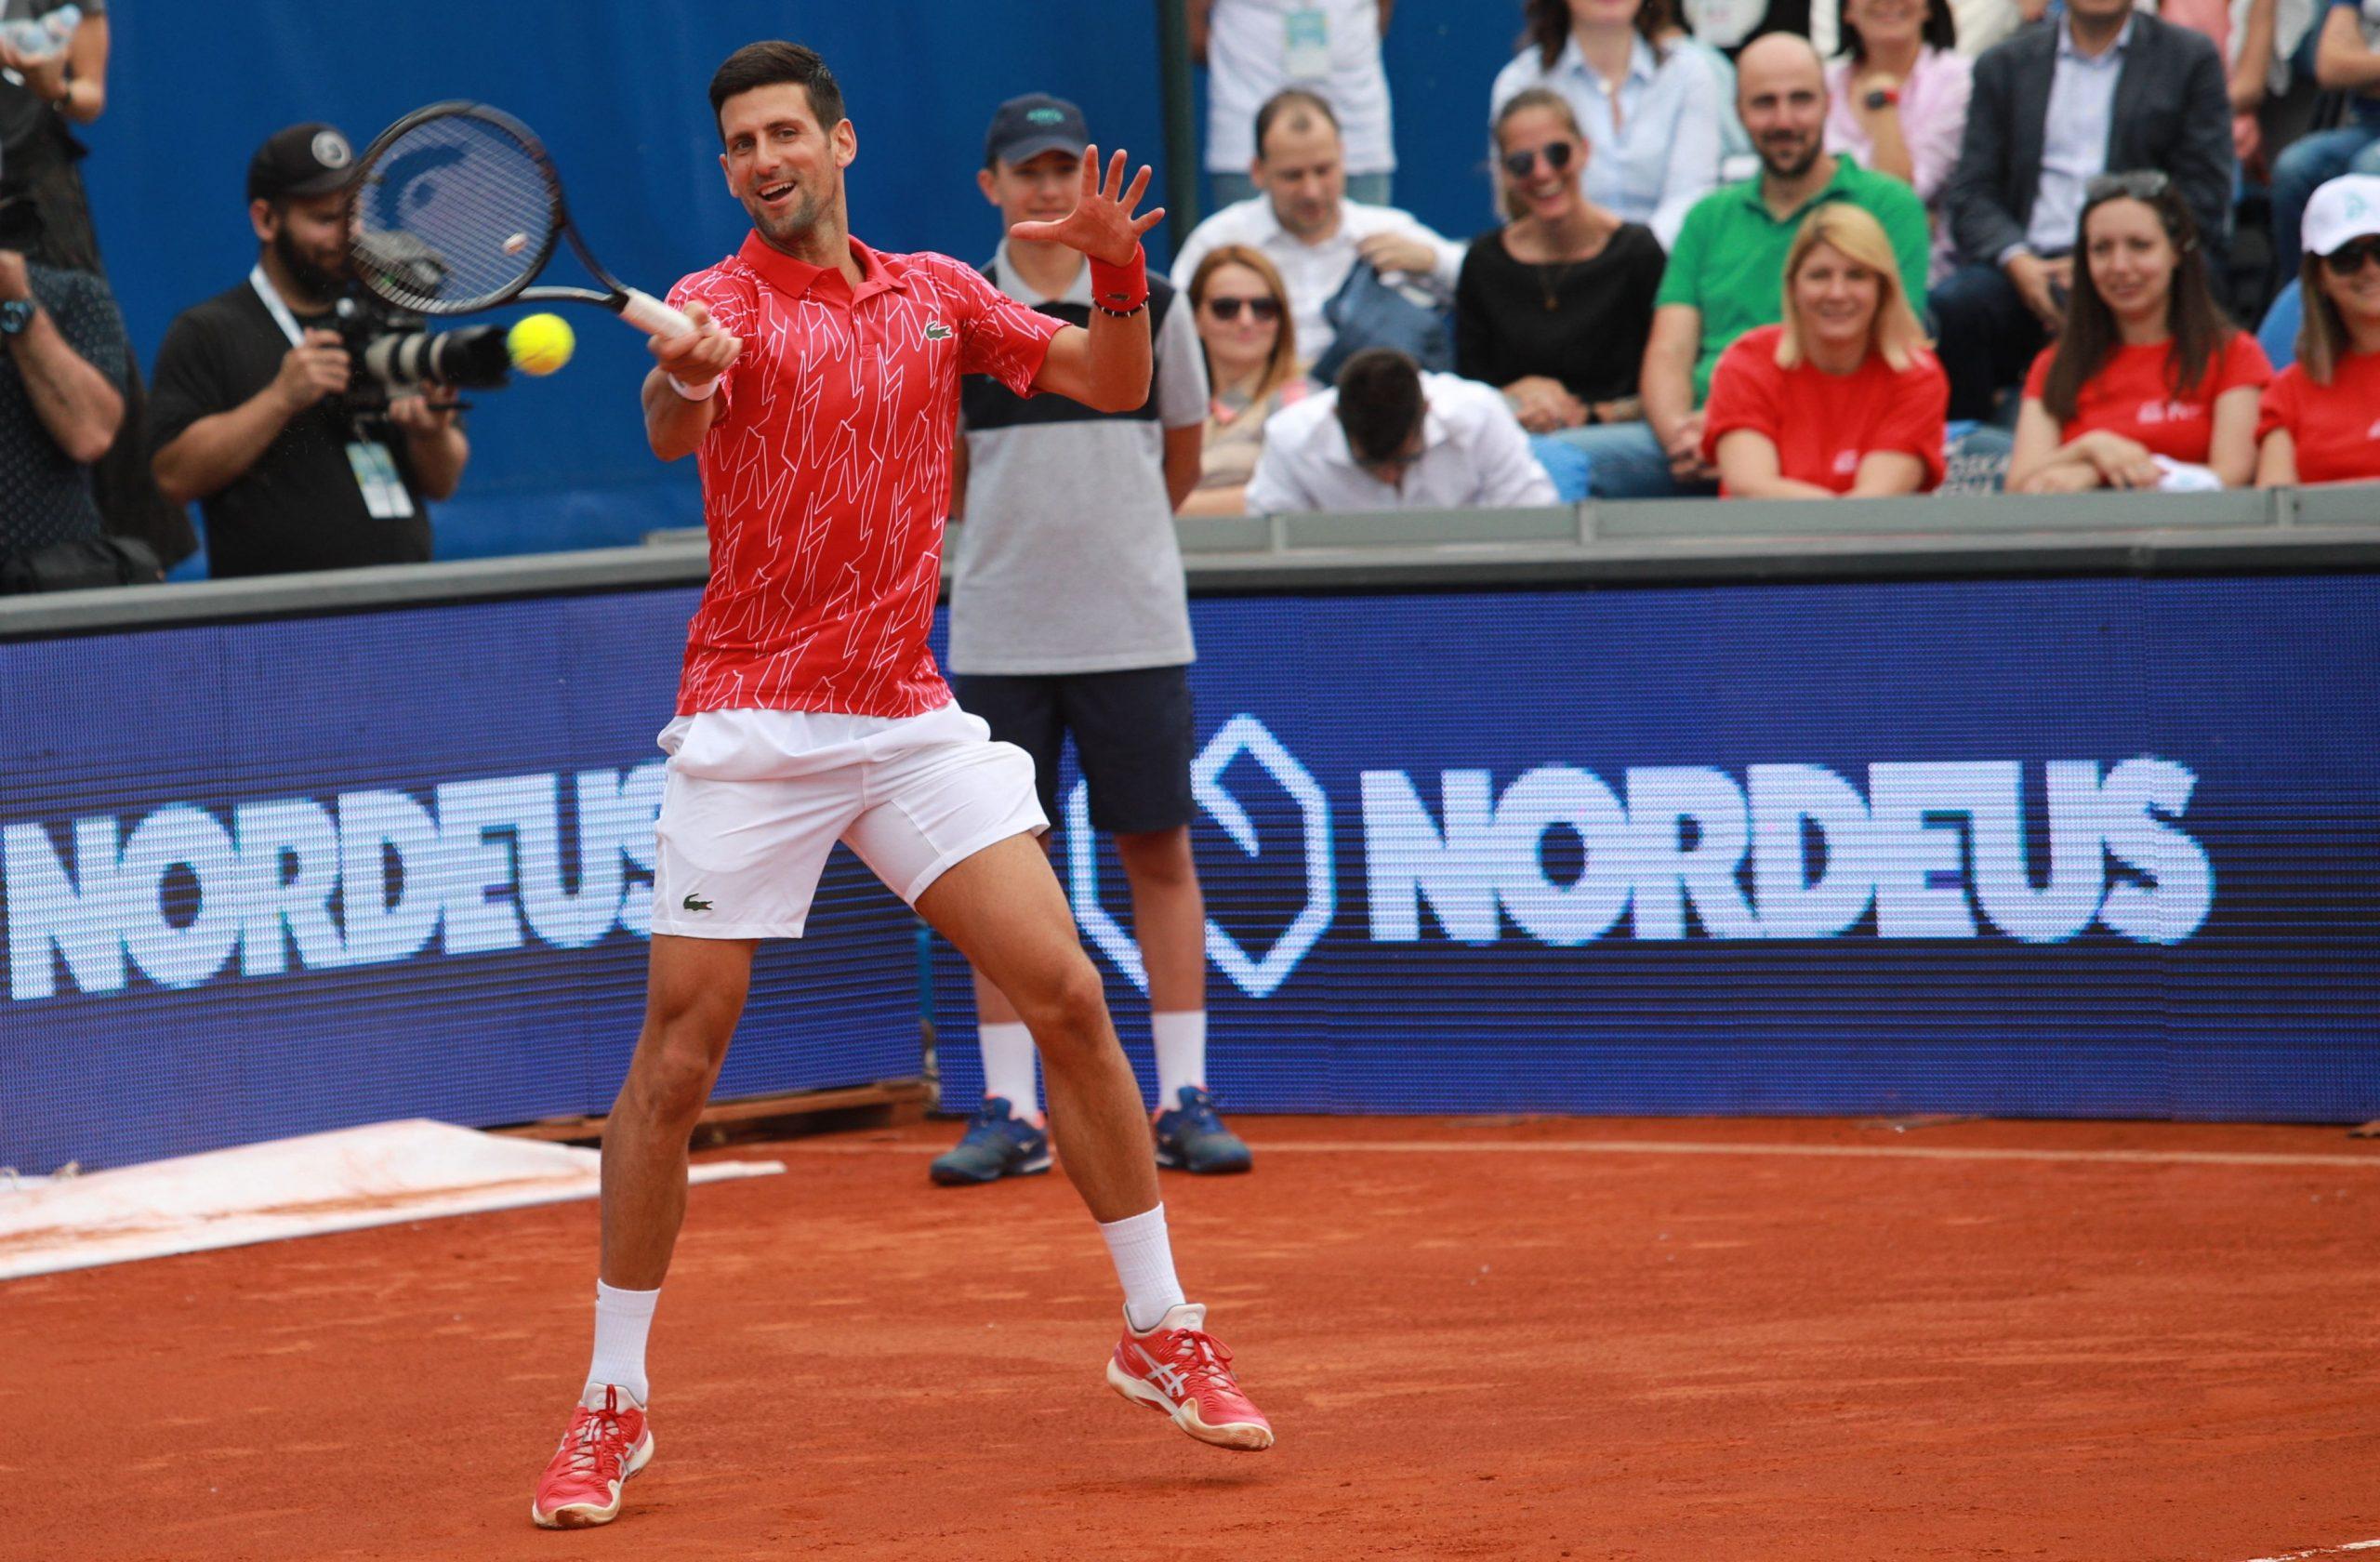 Roland Garros 2021 | Novak Djokovic, revenire colosală în meciul cu Lorenzo Musetti! Condus cu 2-0 la seturi, Nole a cedat doar 17 puncte până la finalul meciului